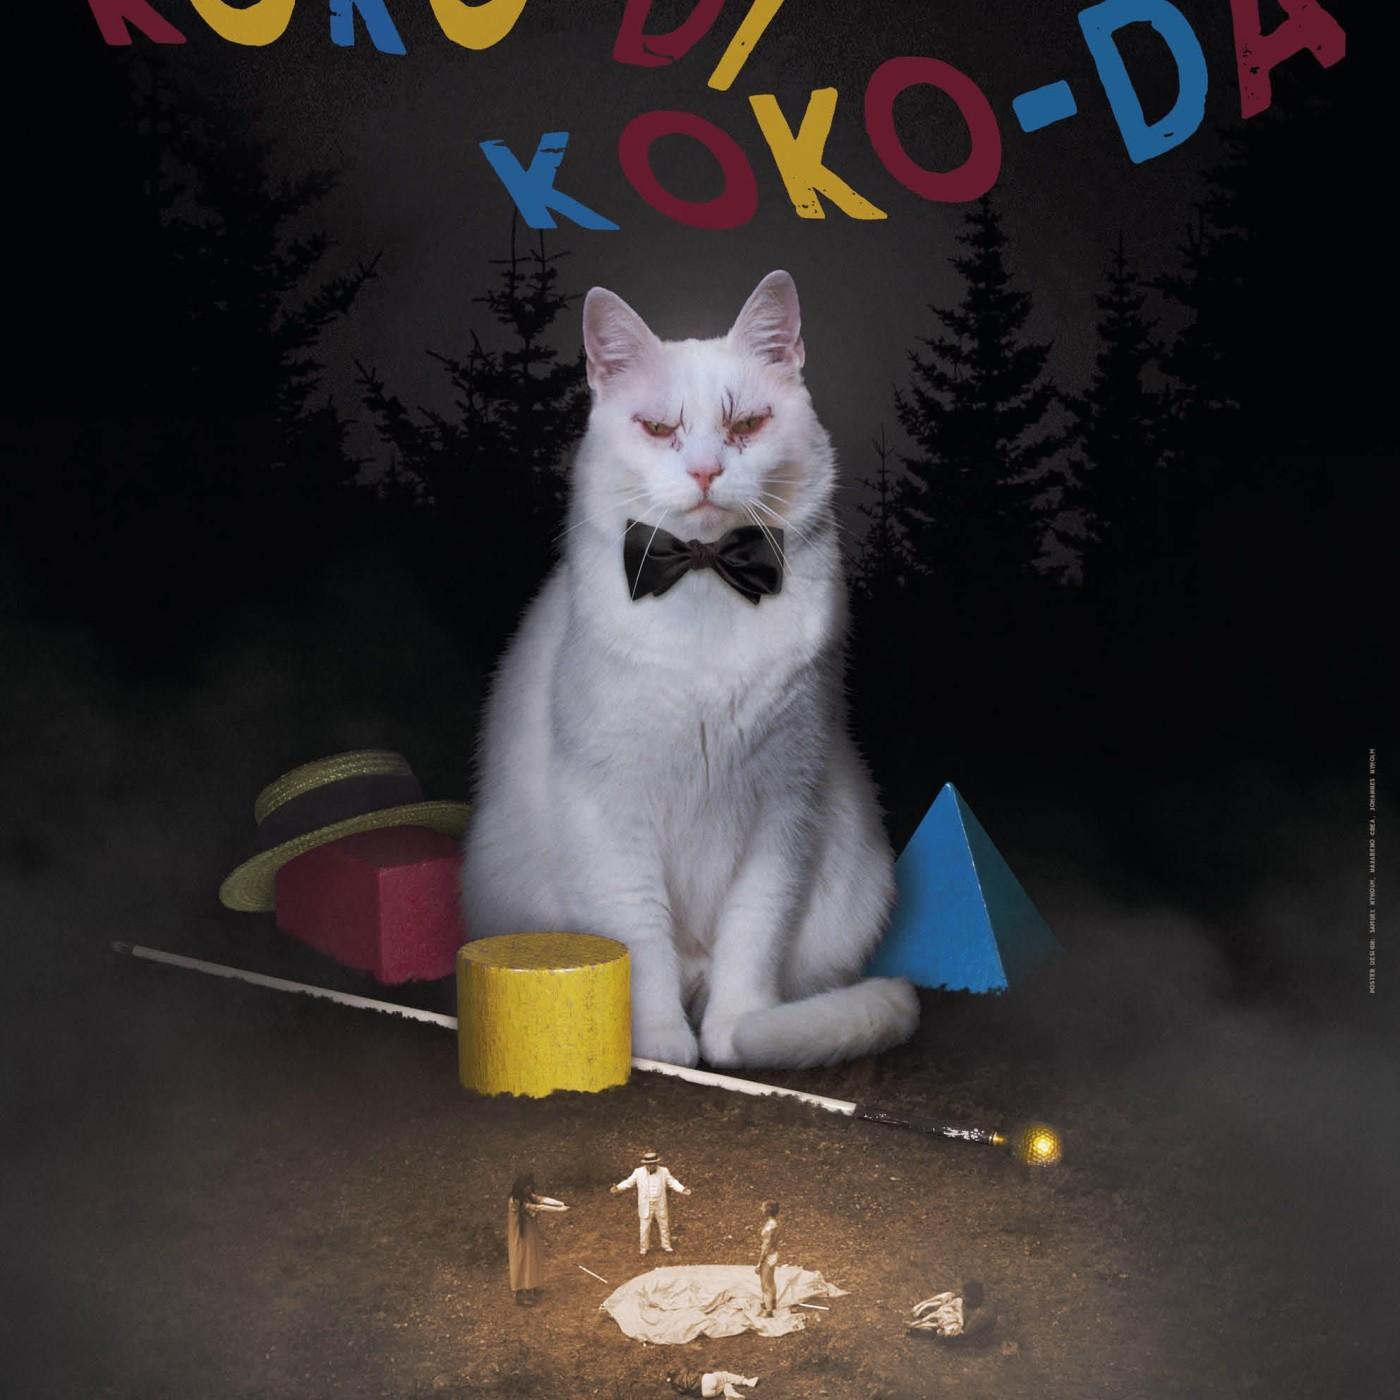 Critique du Film Koko-di Koko-da